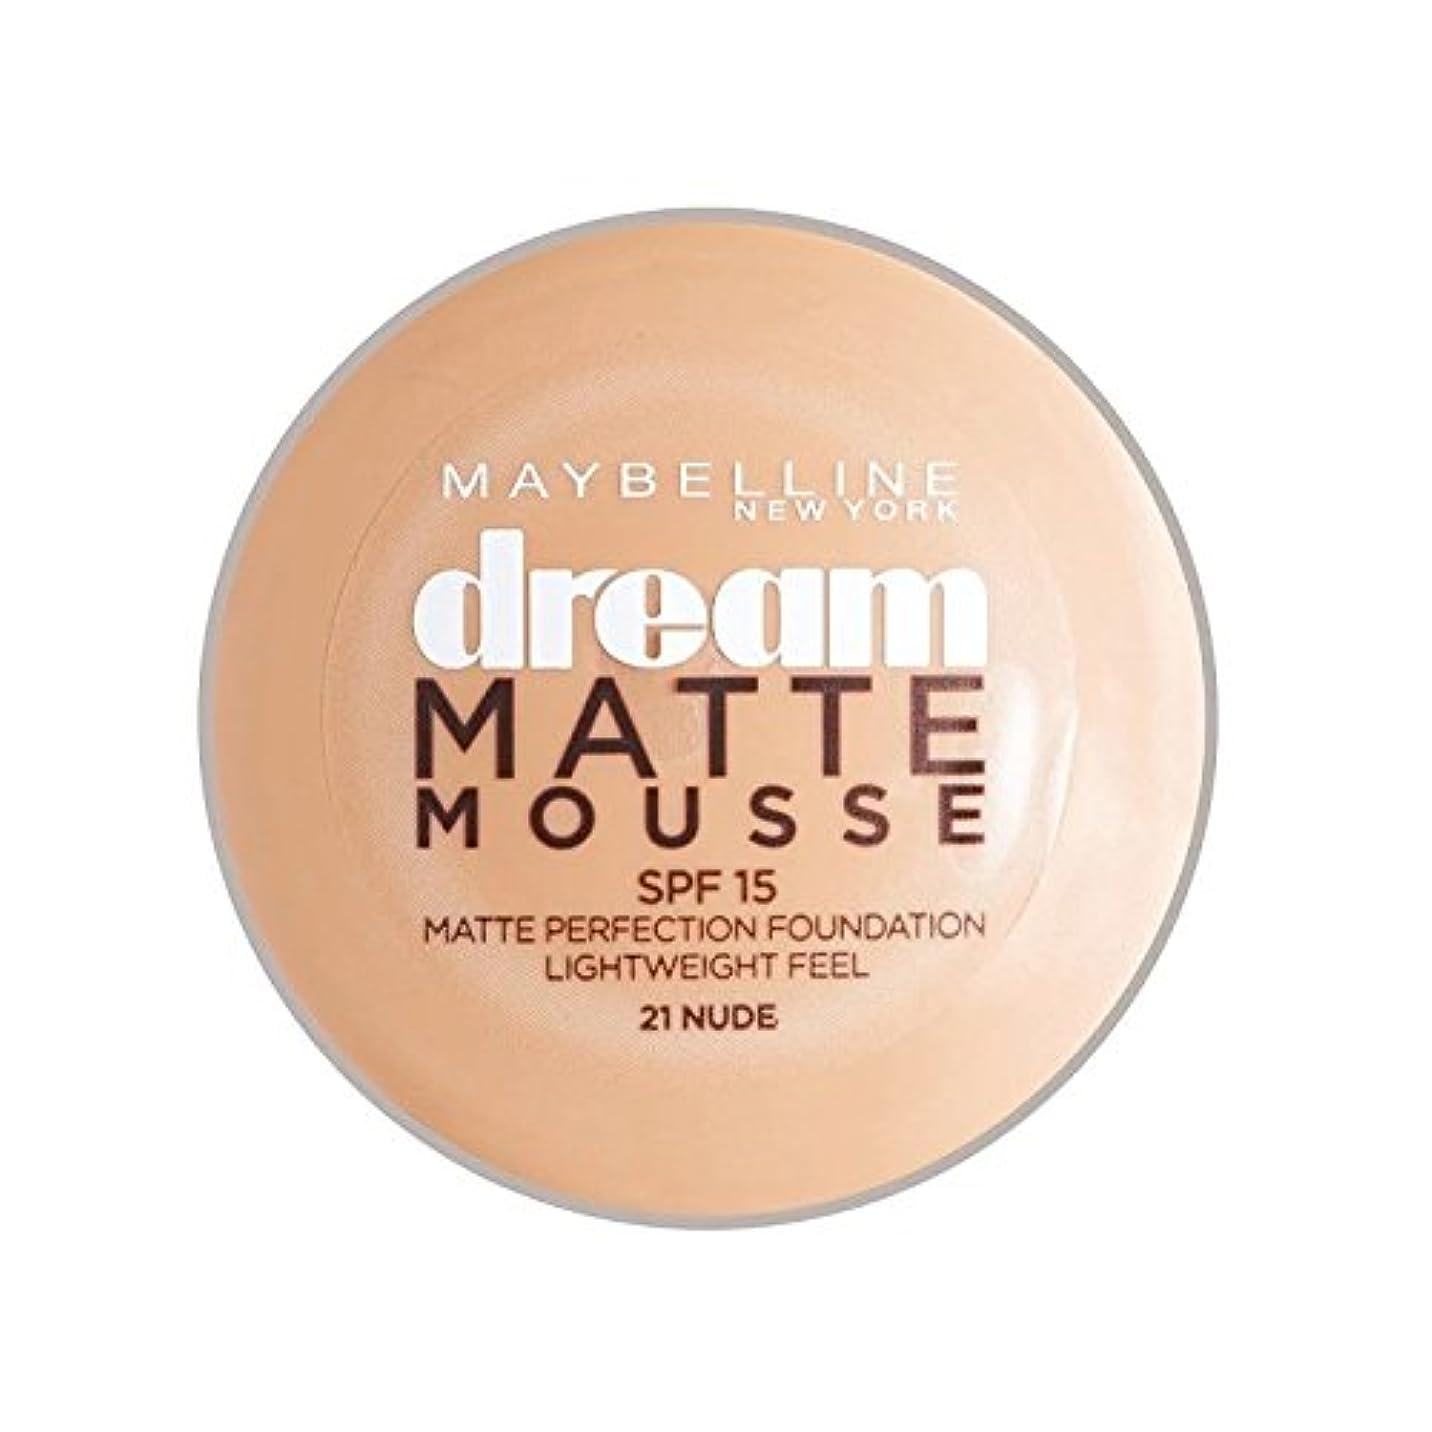 解凍する、雪解け、霜解けパイント外国人Maybelline Dream Matte Mousse Foundation 21 Nude 10ml - メイベリン夢マットムース土台21ヌード10ミリリットル [並行輸入品]